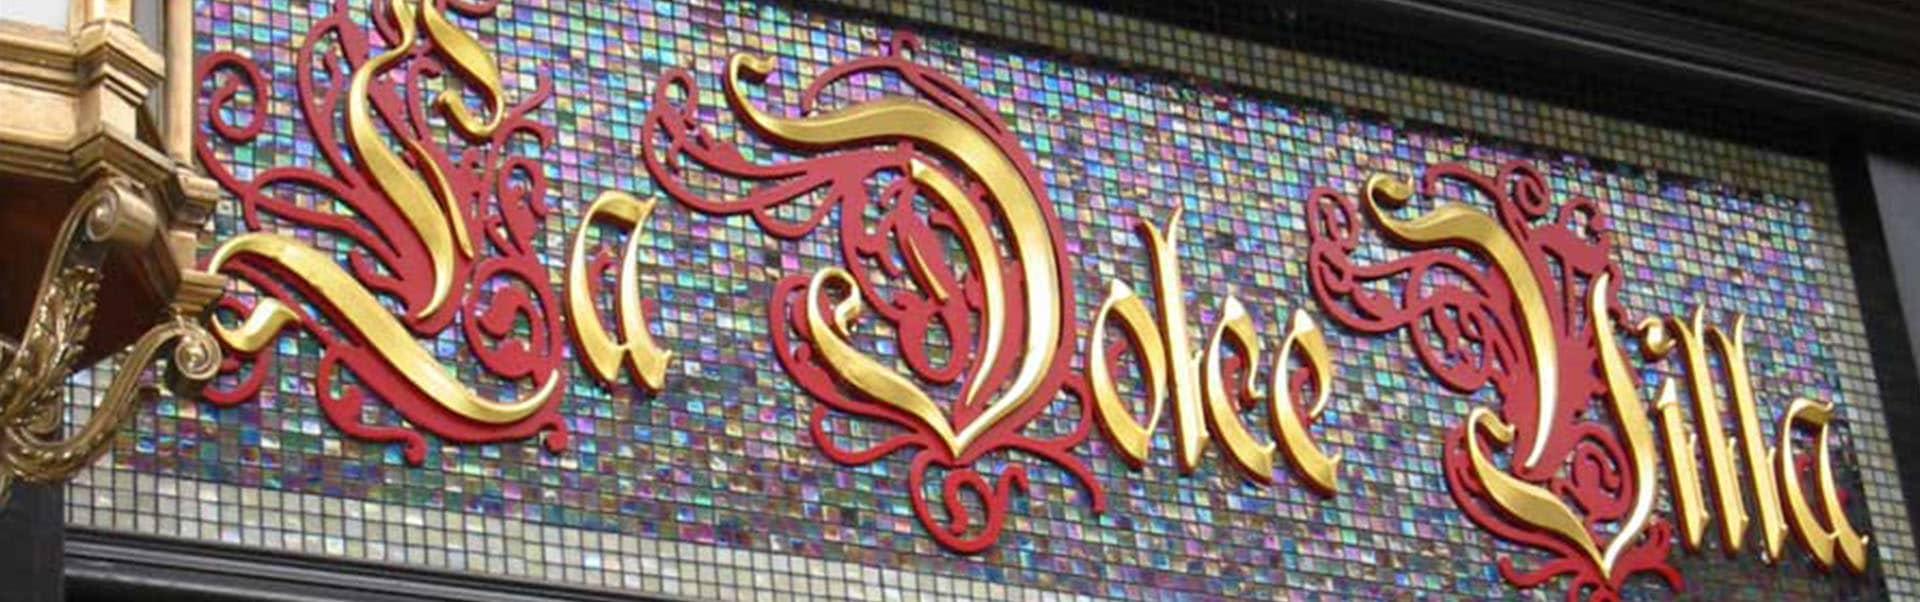 La Dolce Villa | Gold Leaf Lettering